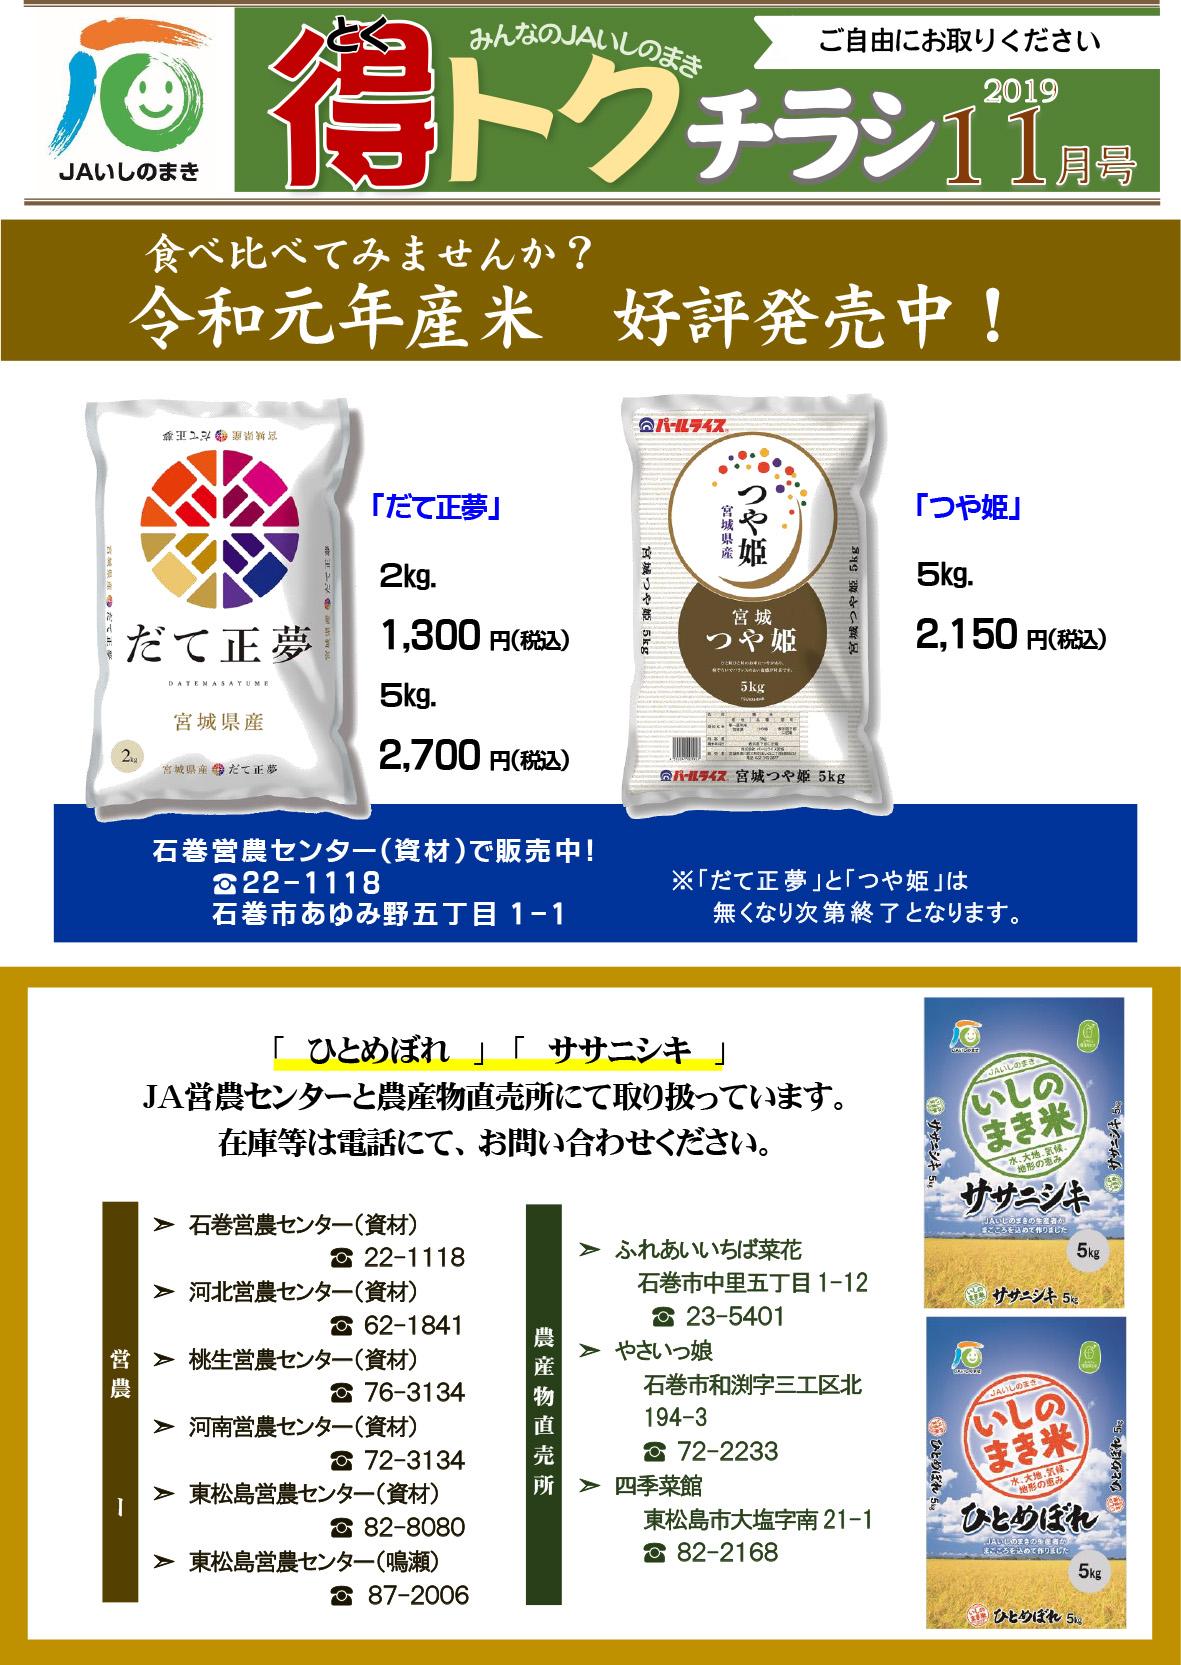 【ポストチラシ】2019.11-1